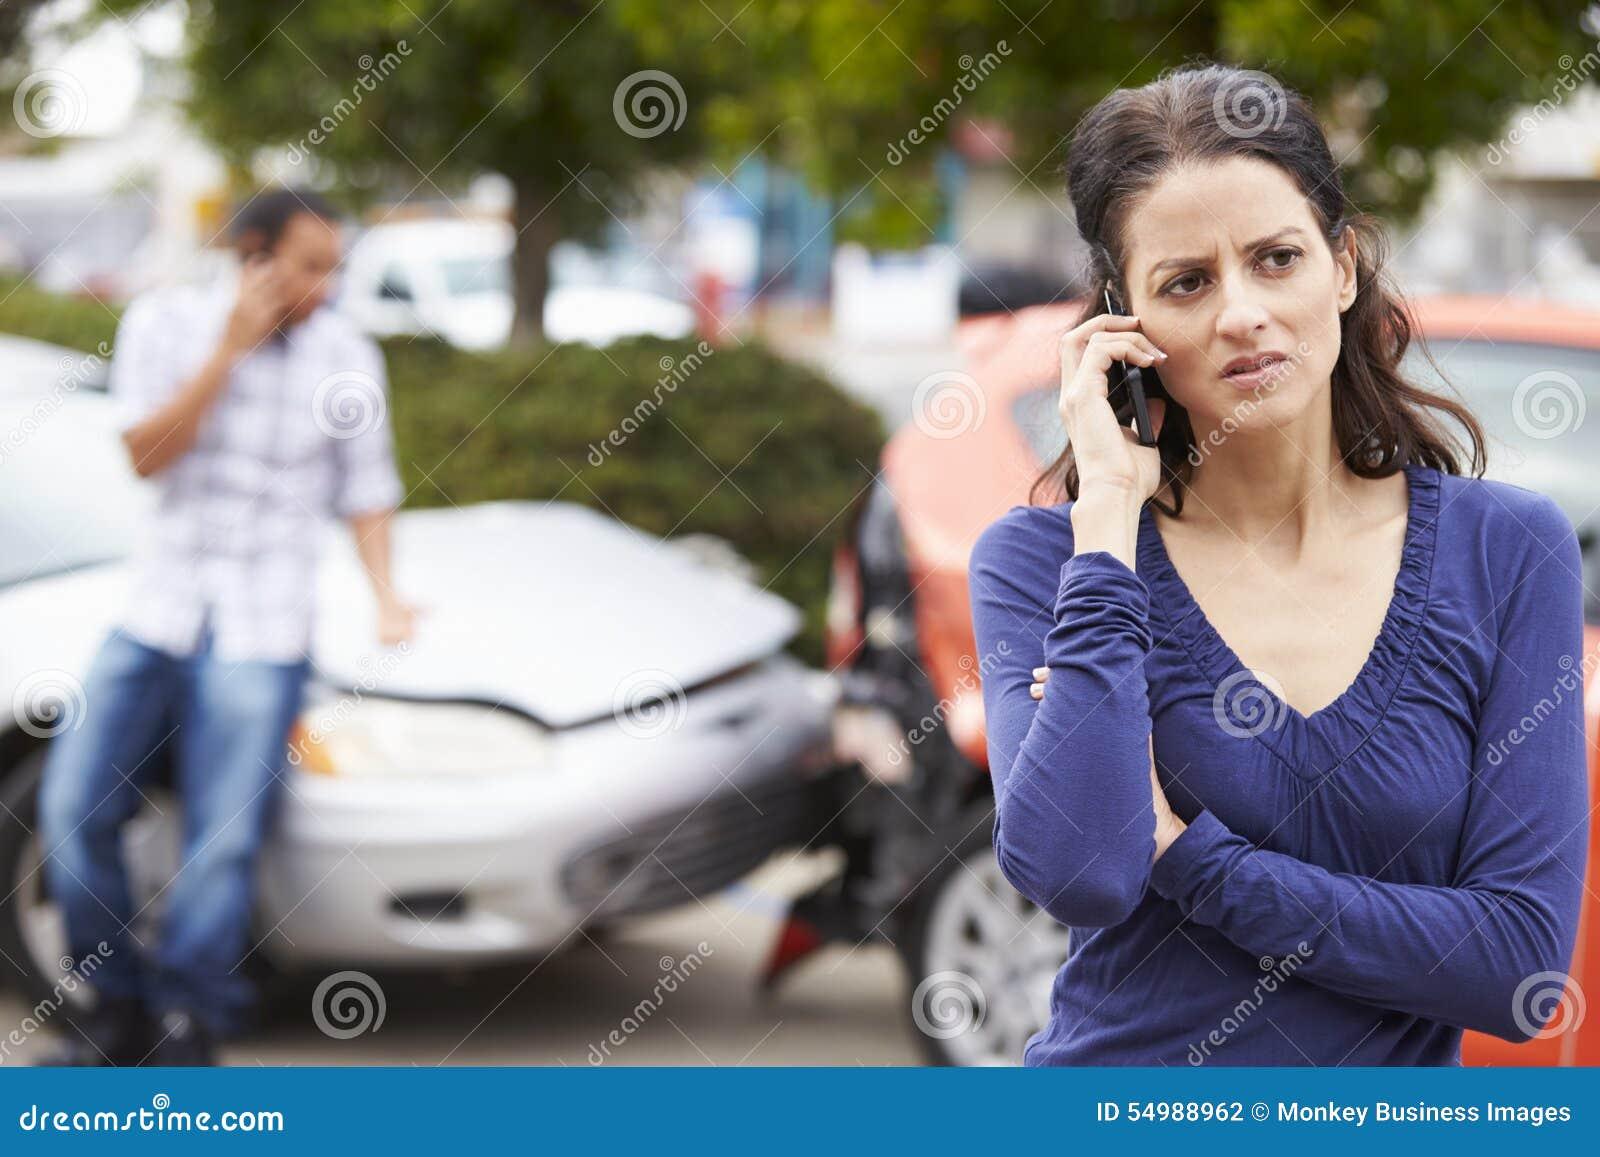 Kvinnlig chaufför Making Phone Call efter trafikolycka